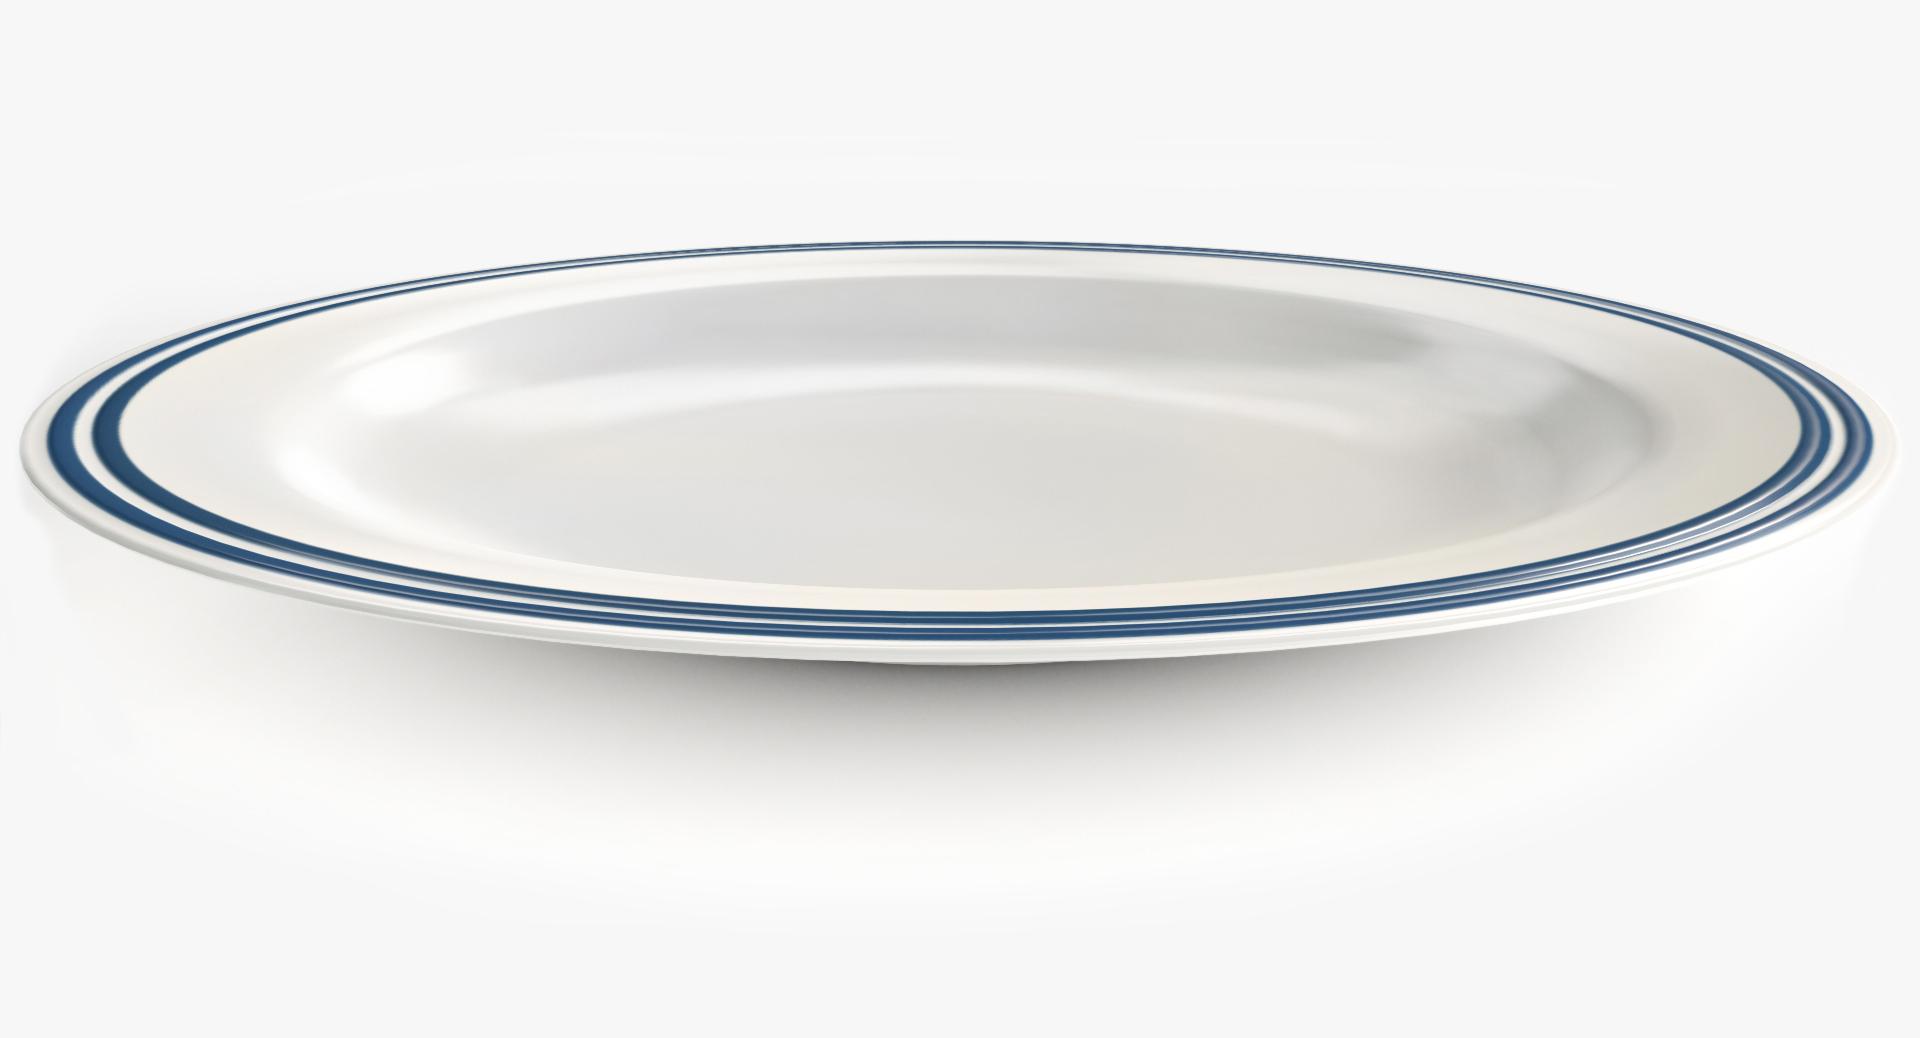 Ikea Dishes Finstilt 3docean Item For 0 Jpg 1 2 3 4 5 6